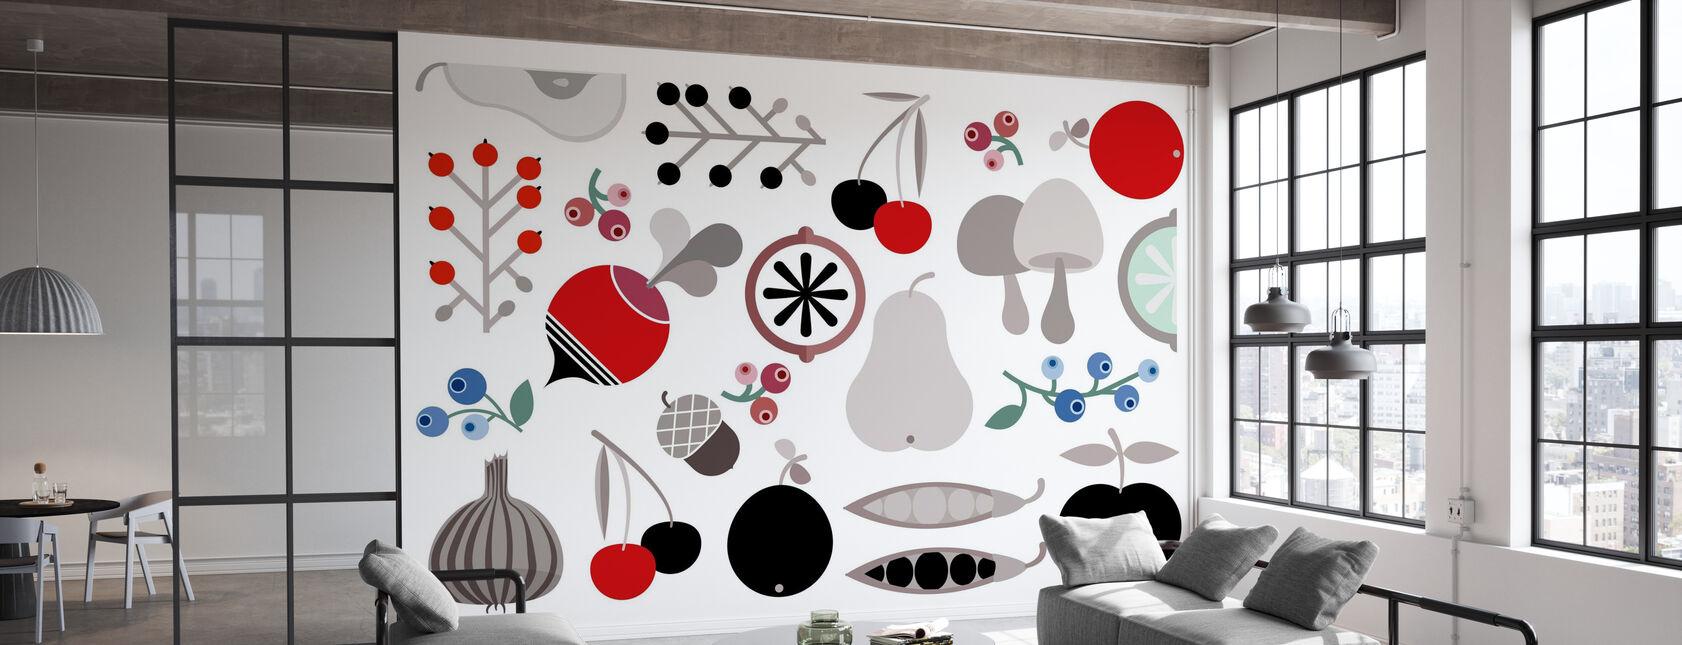 Fruits et fruits de baies de champignons - Papier peint - Bureau